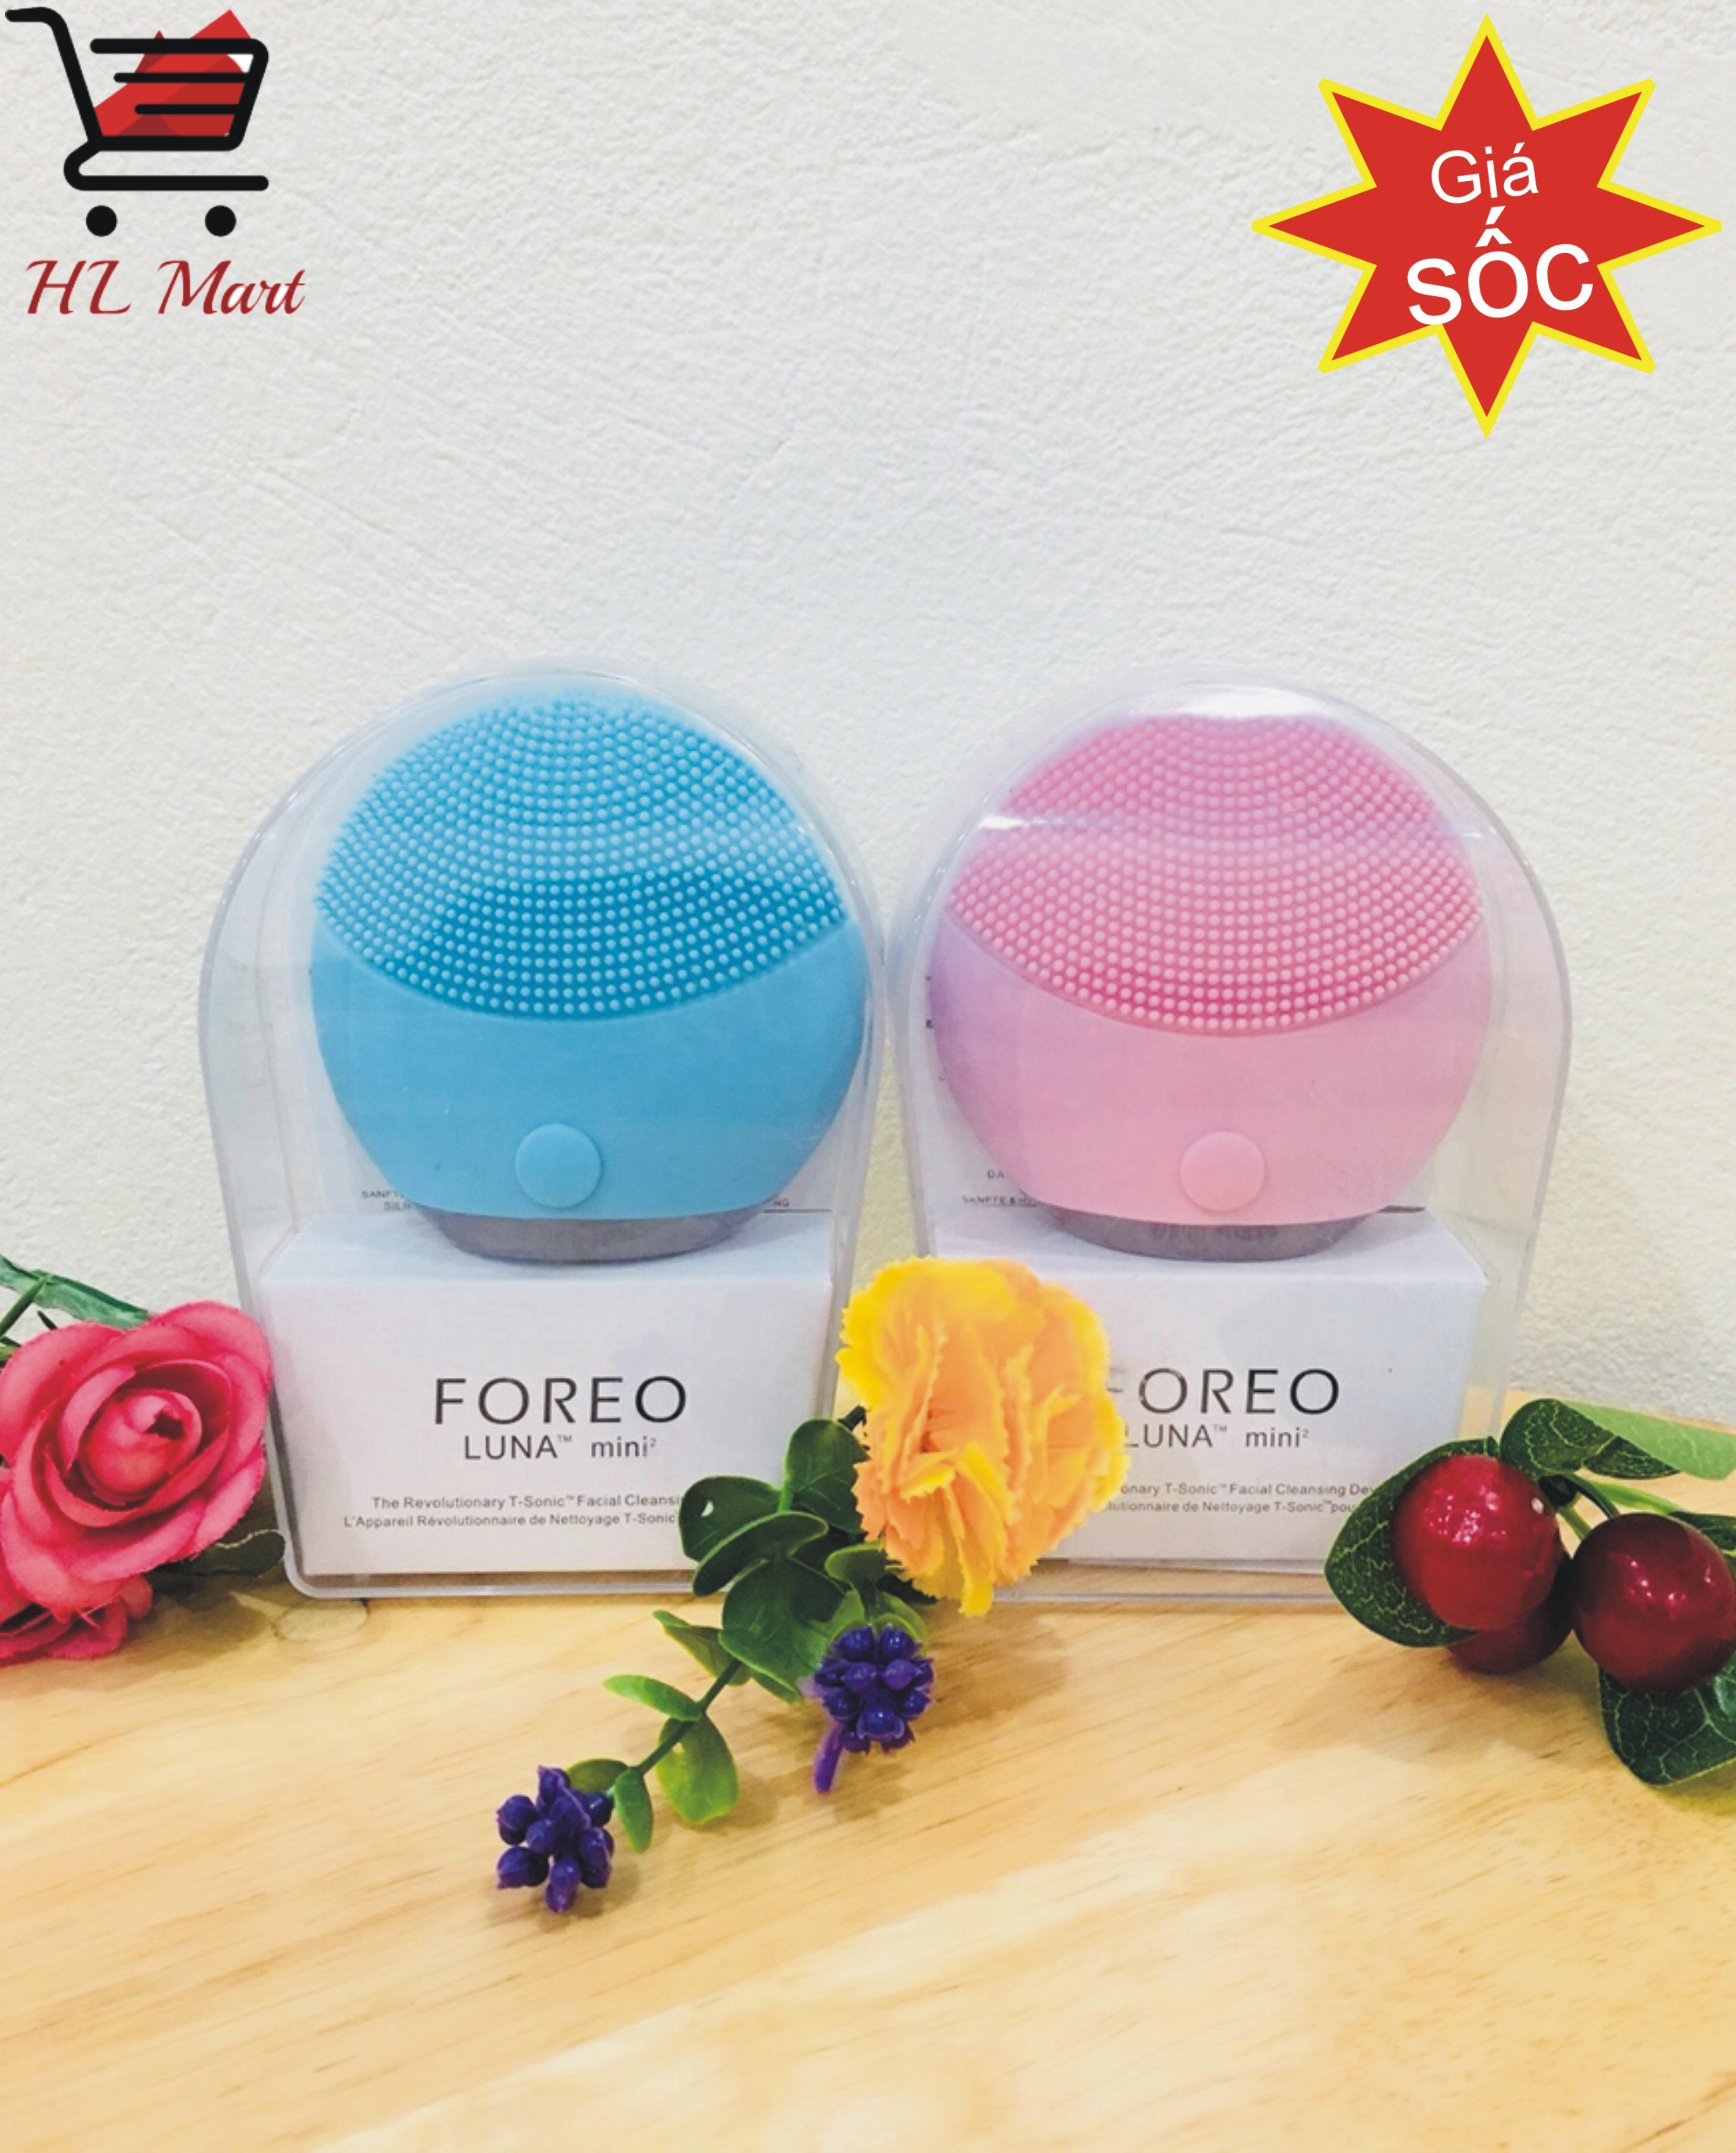 Máy rửa mặt FOREO LUNA MINI 2, máy rửa mặt làm sạch sâu. máy rửa mặt dành cho mọi loại da, máy rửa mặt tự động thông minh